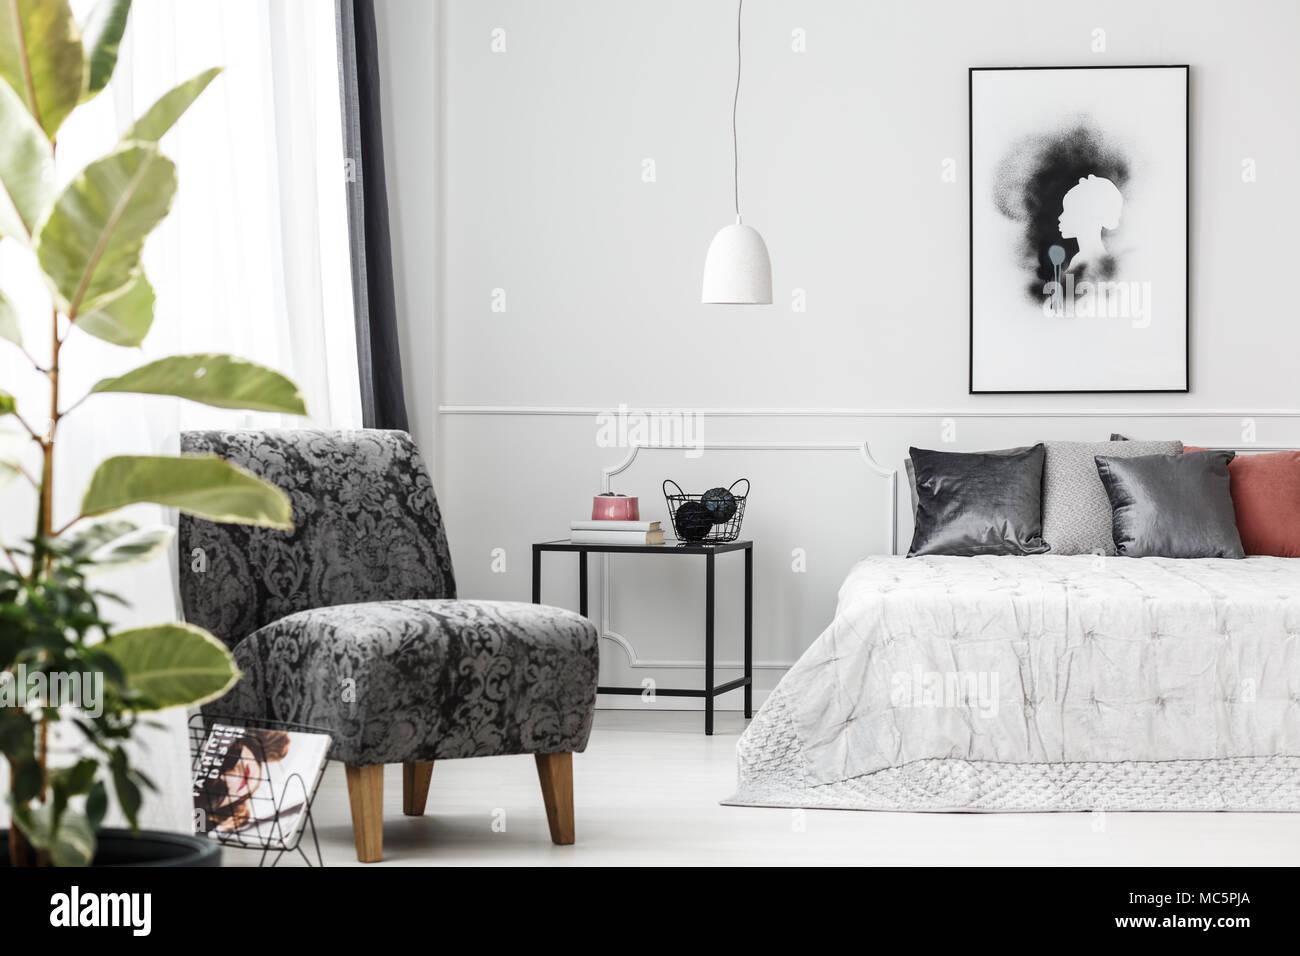 Parete Camera Da Letto Argento : Poltrona di colore grigio in piedi in una luminosa camera da letto